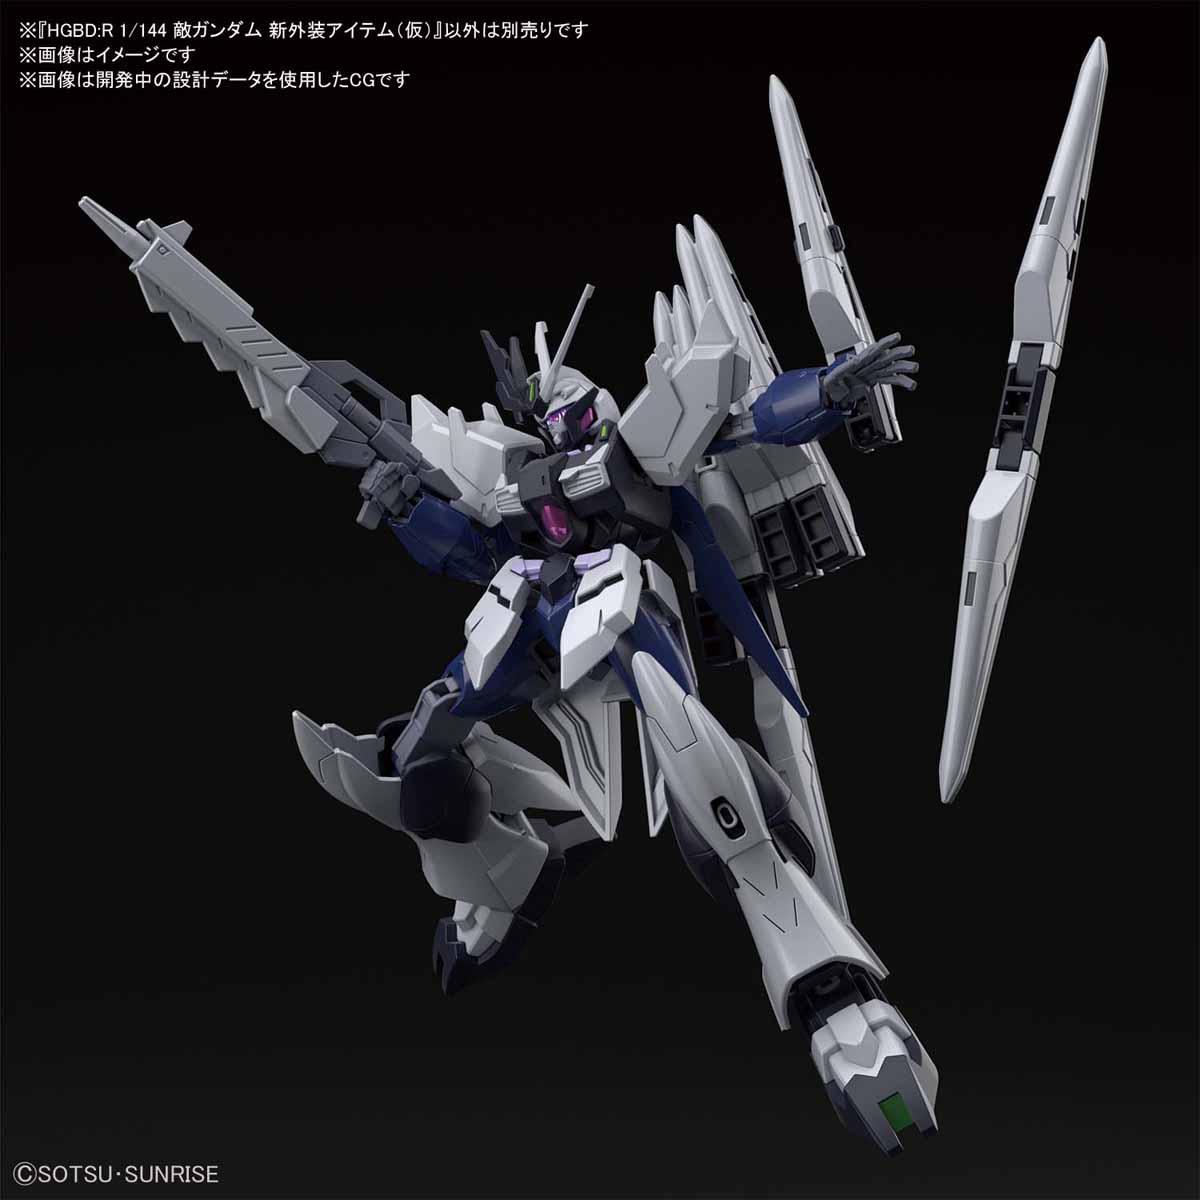 HGBD:R 1/144『敵ガンダム新外装アイテム』ガンダムビルドダイバーズRe:RISE プラモデル-003